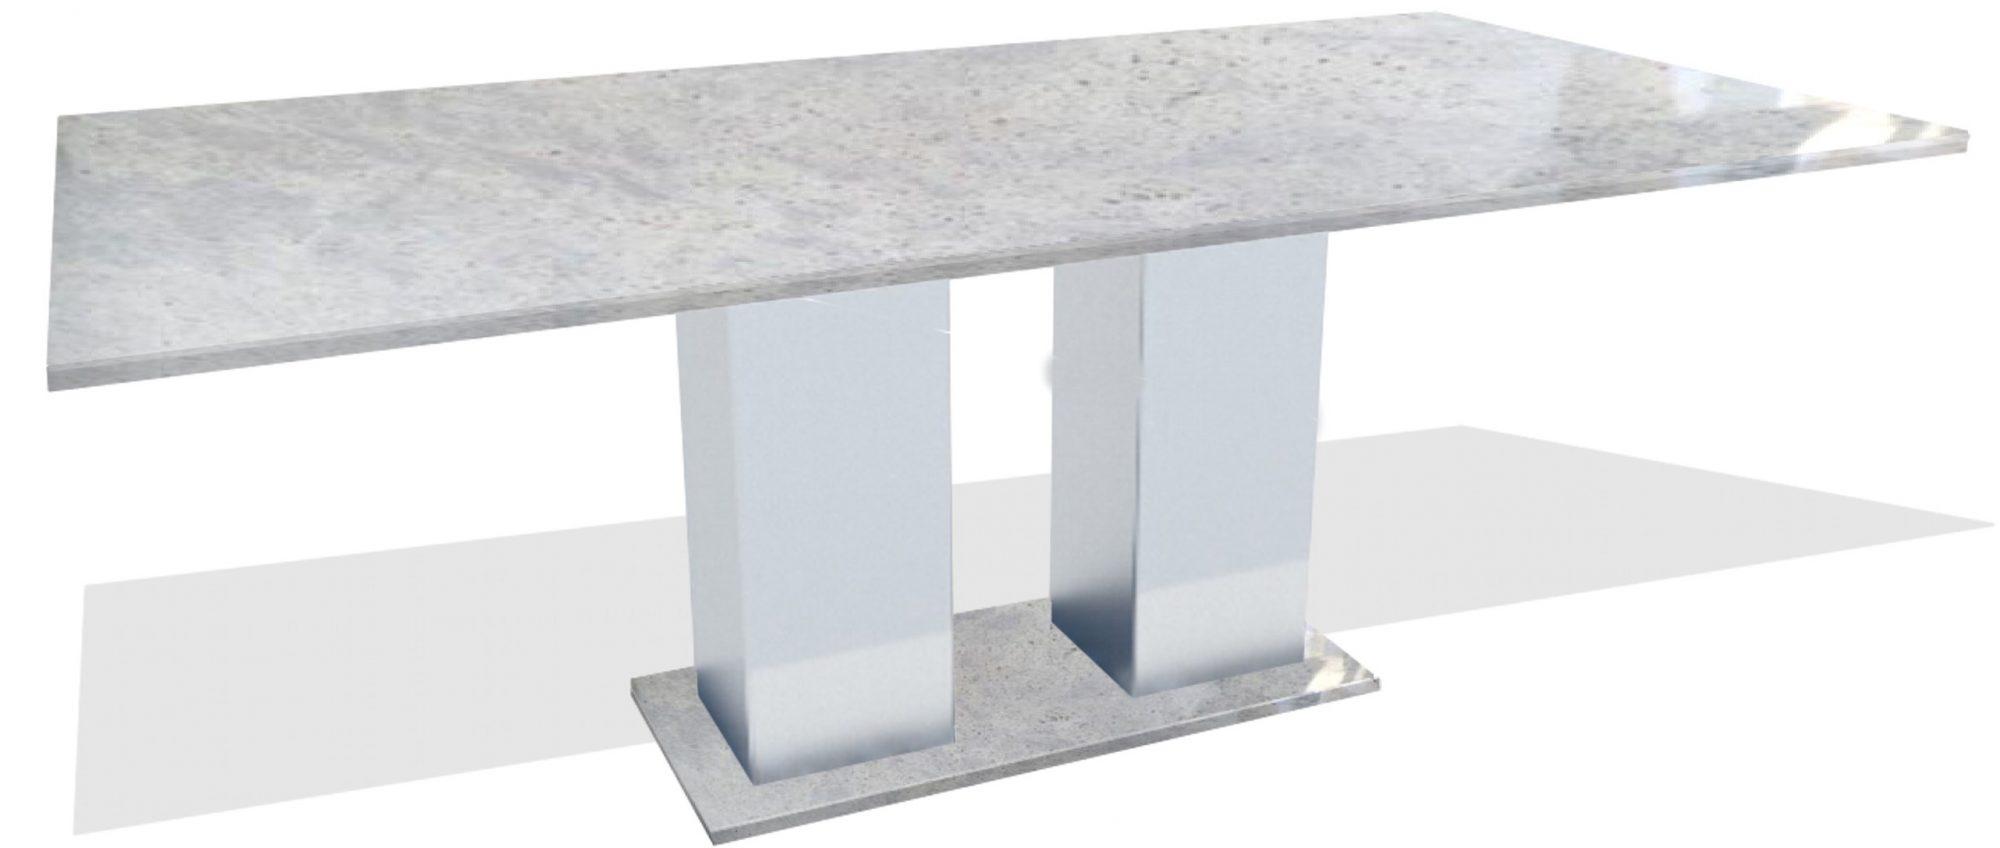 Marmor Esstisch